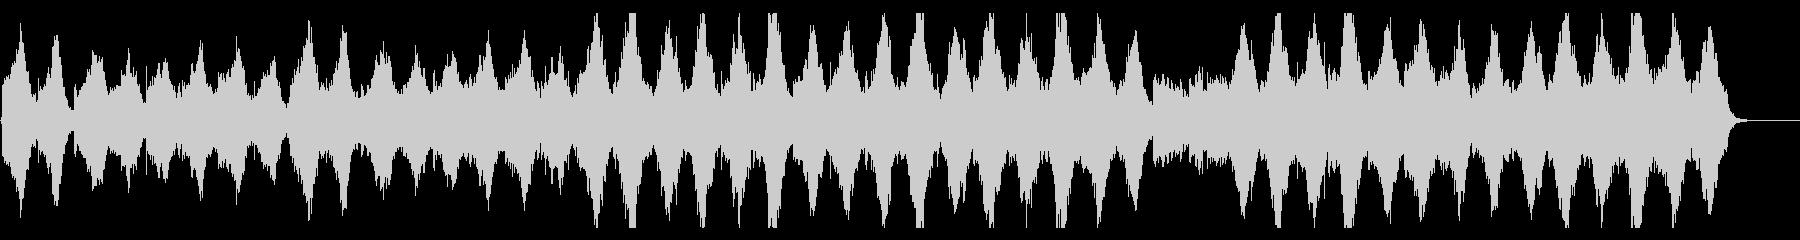 陰鬱なストリングスとエレクトロニクスの融の未再生の波形